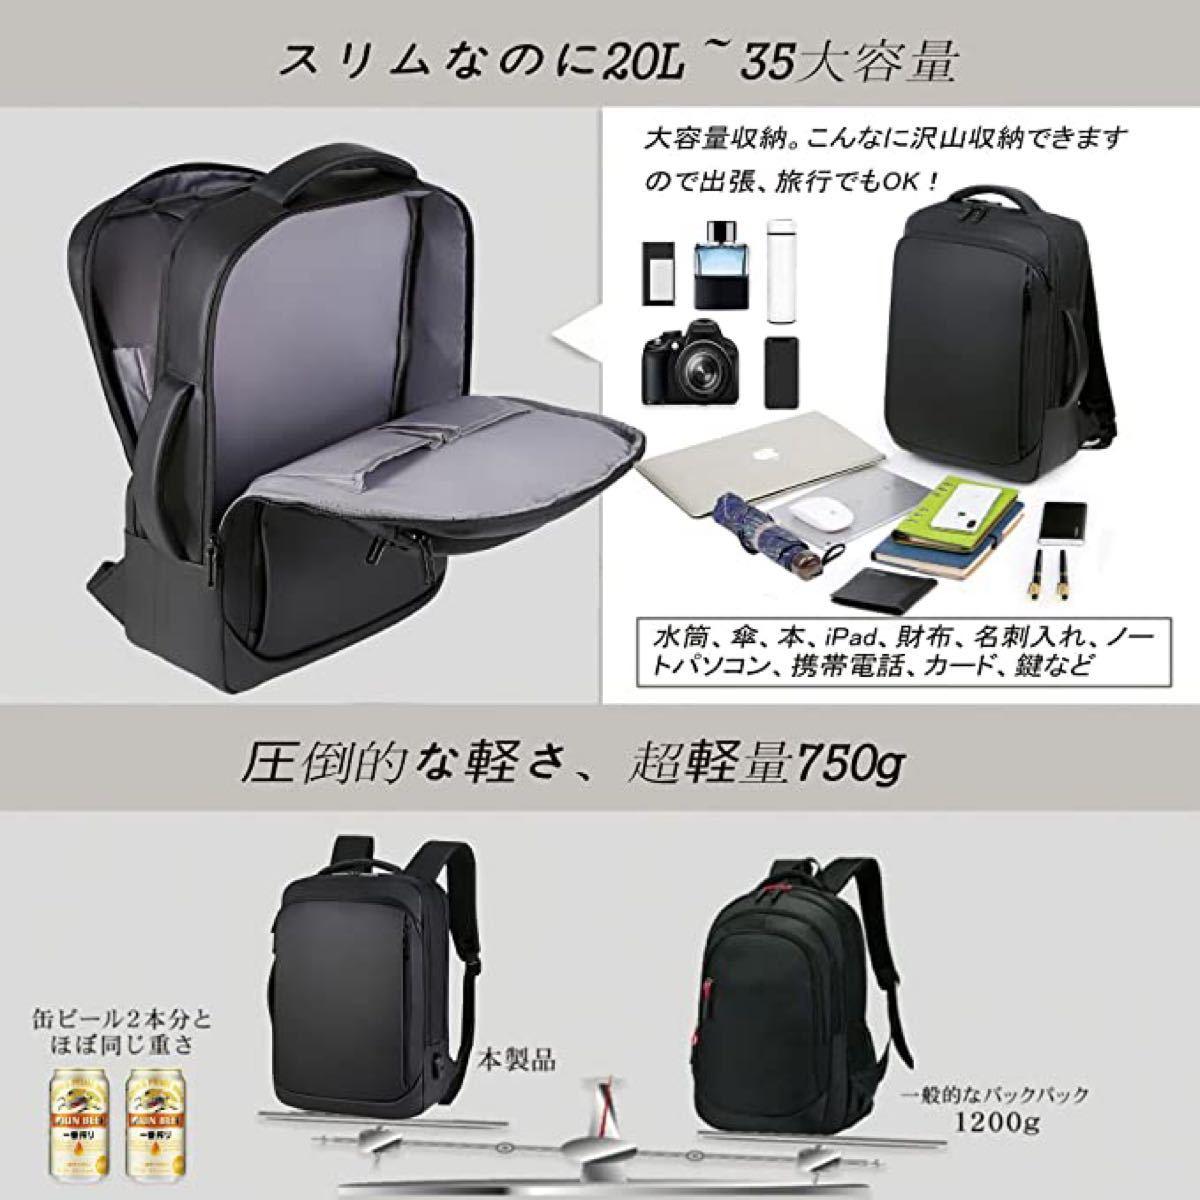 リュック メンズ ビジネスバッグ バックパック 大容量 防水 PC 15.6インチ a4 超軽量 出張 旅行 通勤  かばん